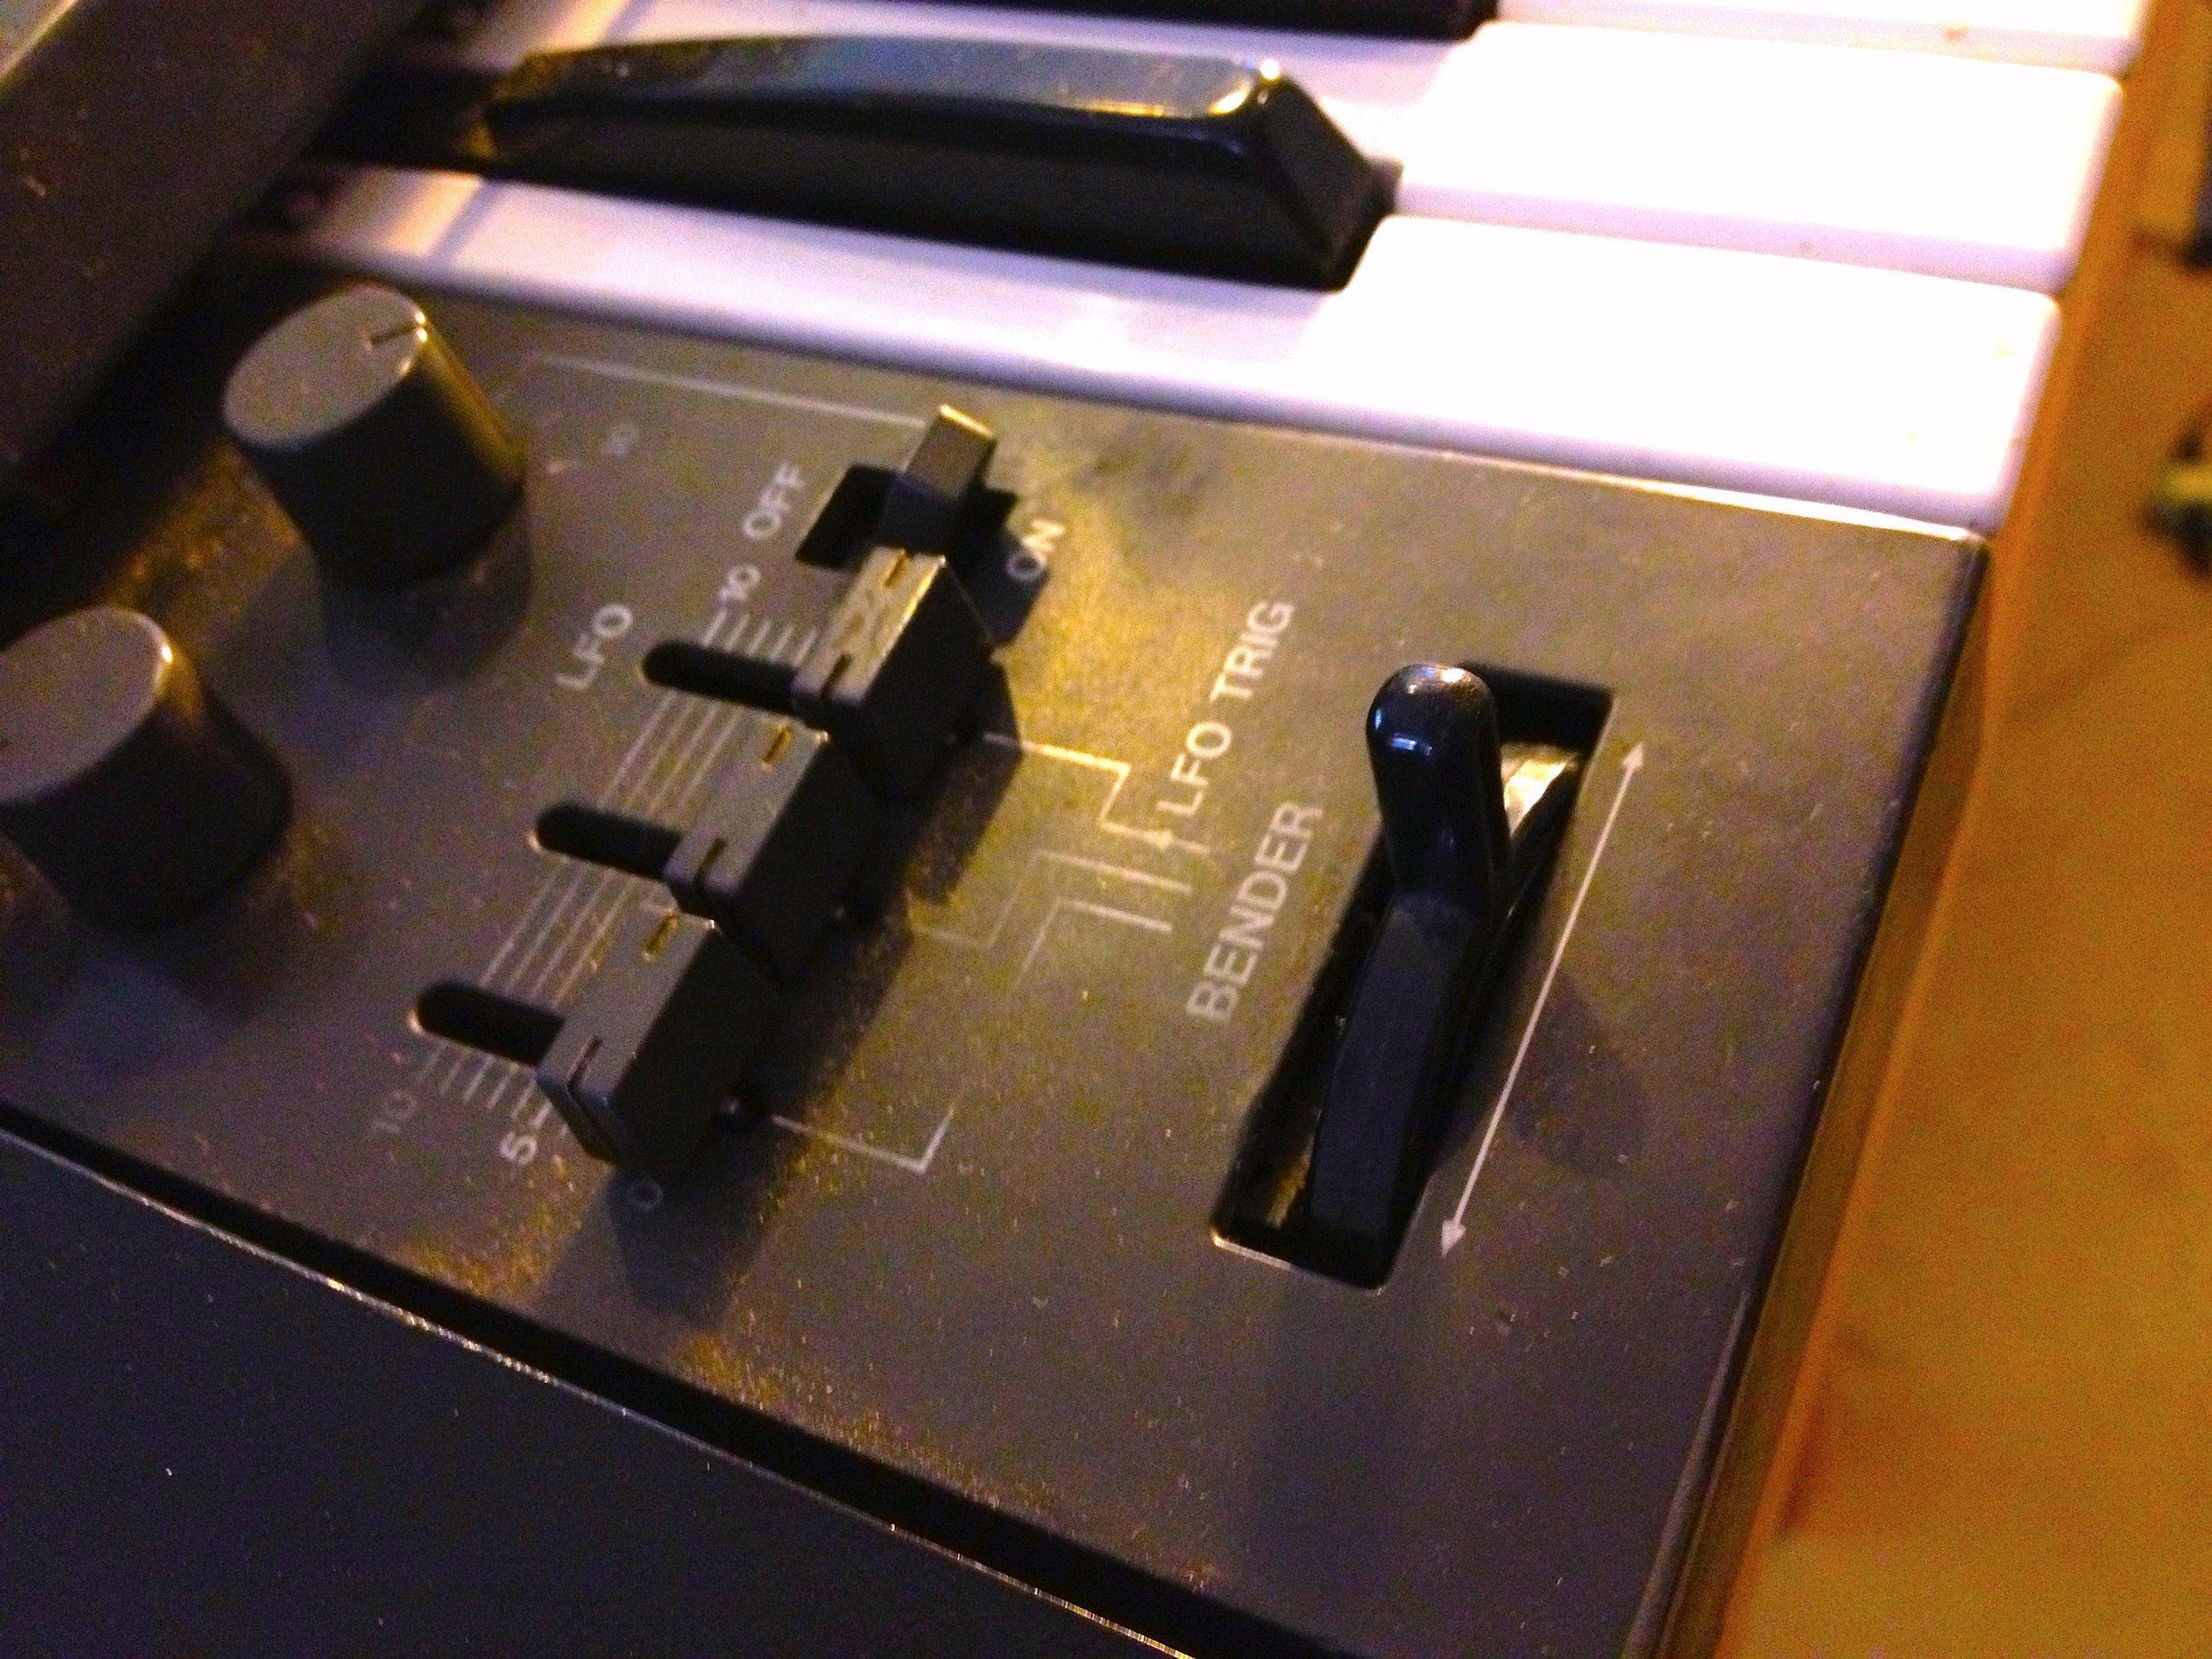 04-juno-106-problem-3-broken-bender-modue.jpg